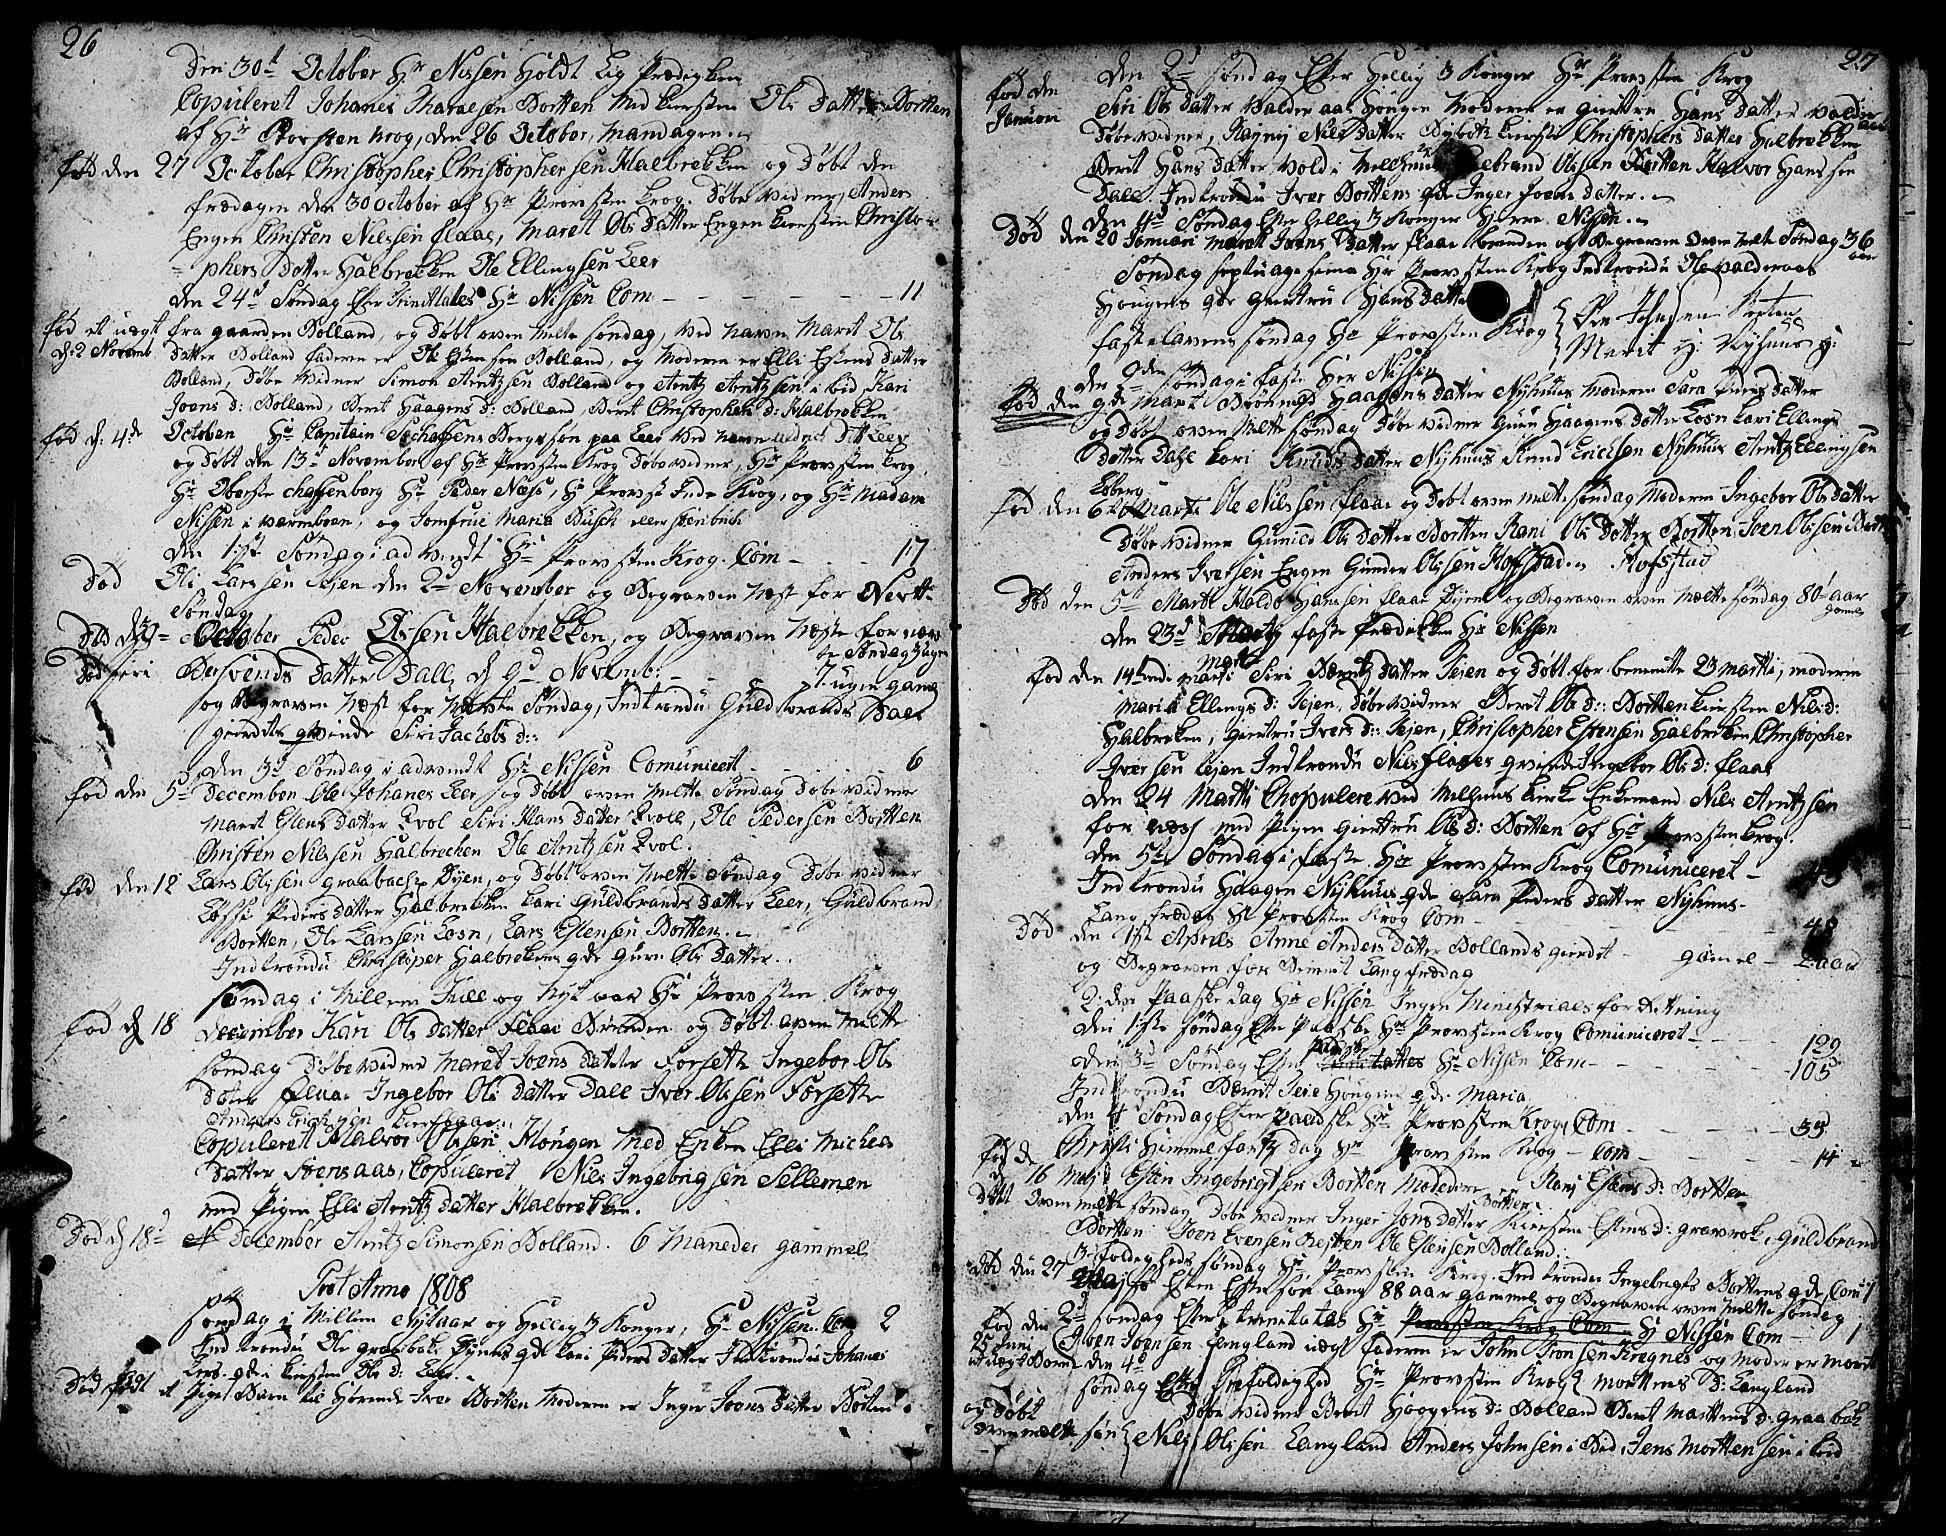 SAT, Ministerialprotokoller, klokkerbøker og fødselsregistre - Sør-Trøndelag, 693/L1120: Klokkerbok nr. 693C01, 1799-1816, s. 26-27